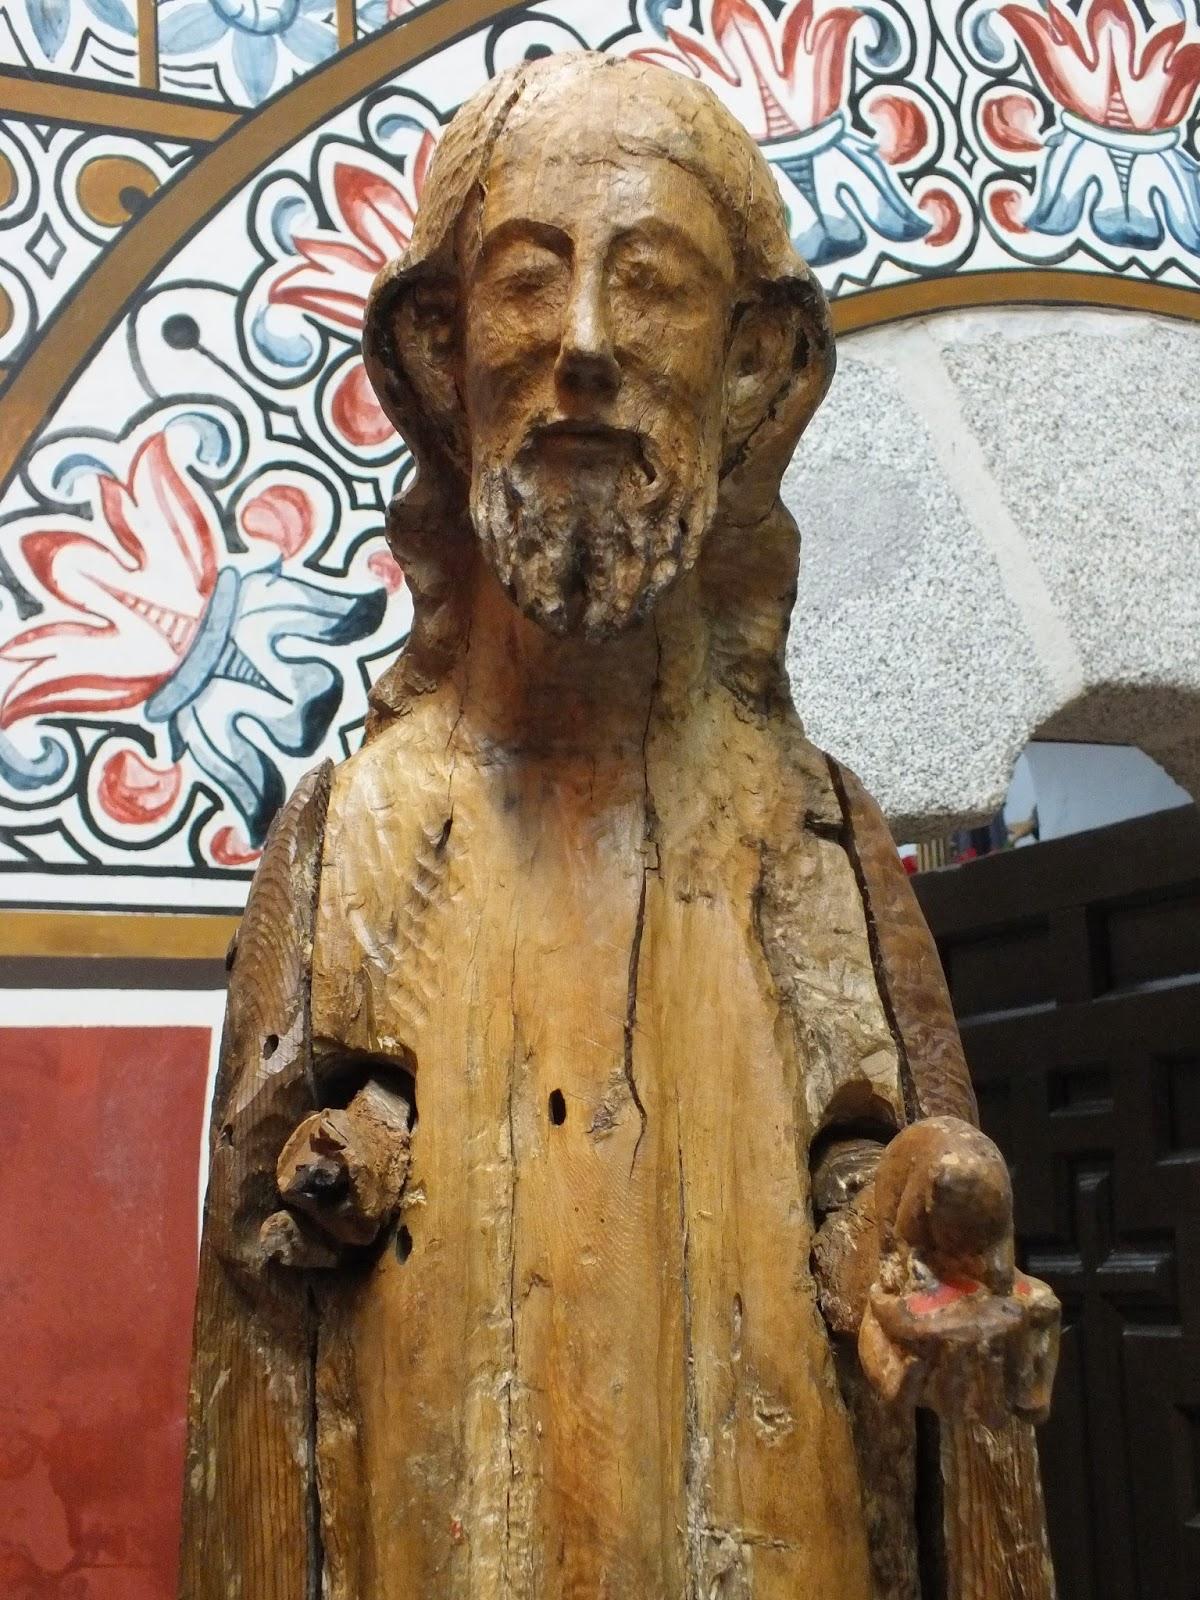 Parroquia san mateo san juan bautista en villanueva del duque for Villanueva del duque